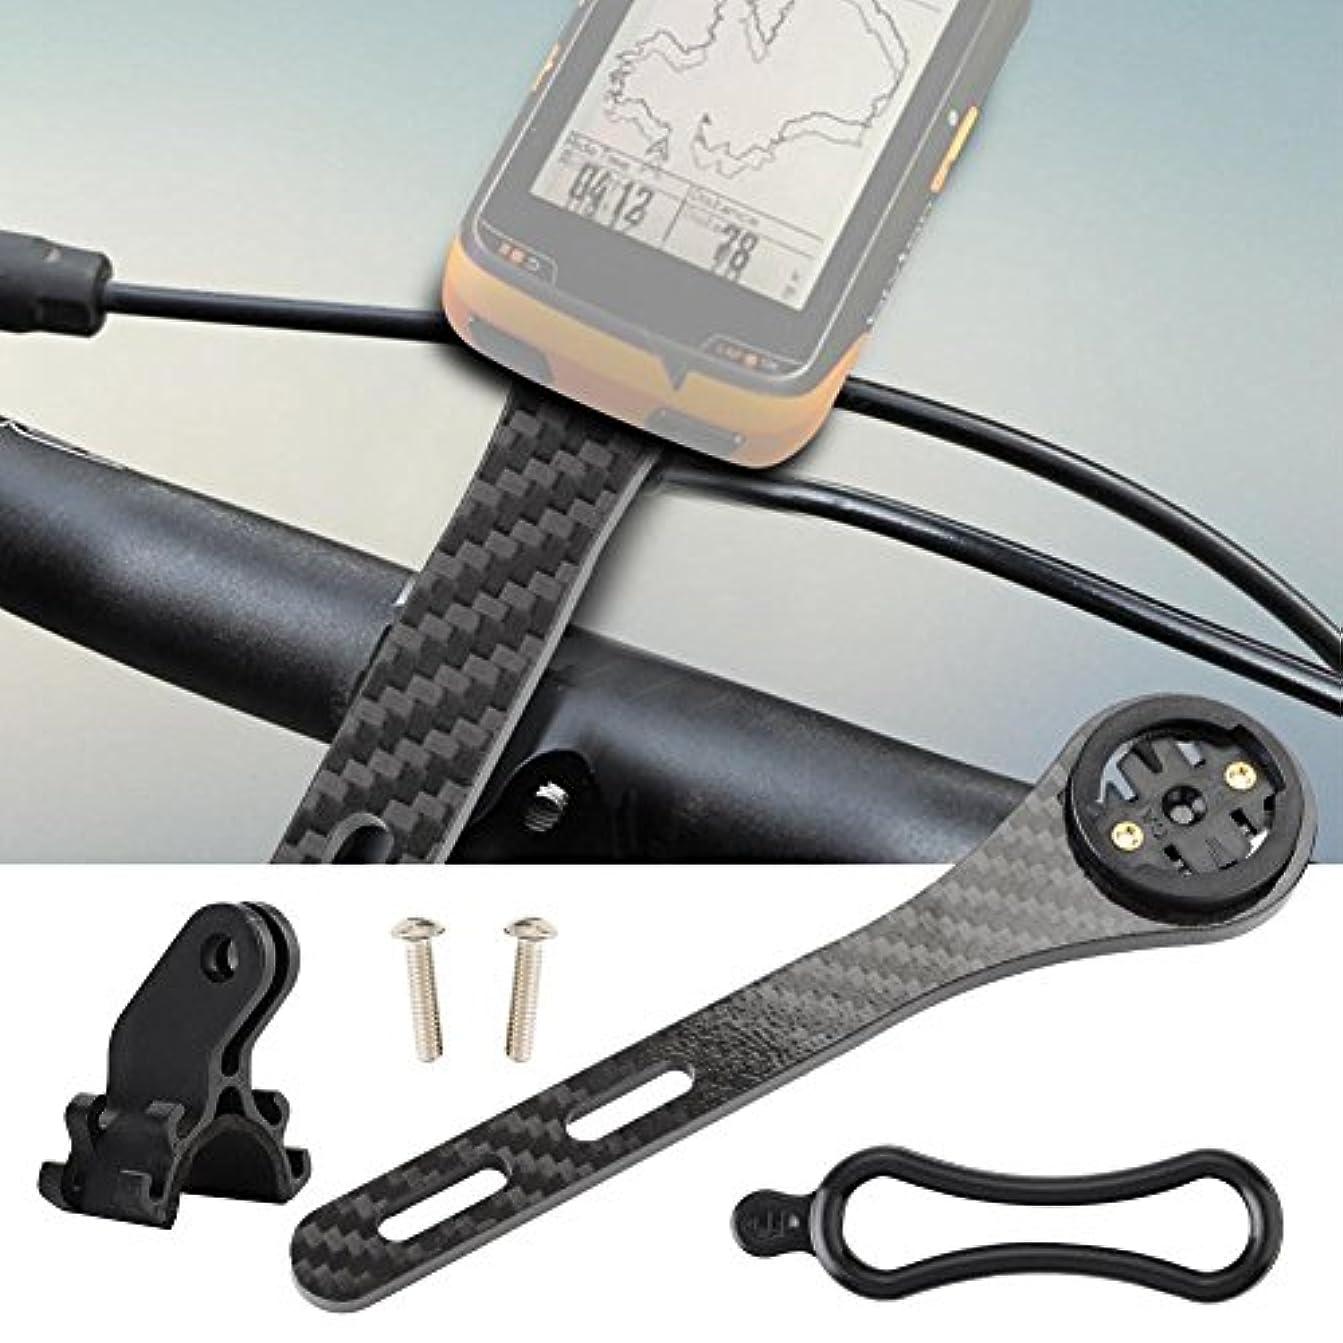 カウントアップよろめく日曜日バイク コンピュータマウントホルダー エクステンションホルダー 取り付け簡単 多機能 スポーツカメラ&自転車ライトの装着をサポート 自転車アクセサリー